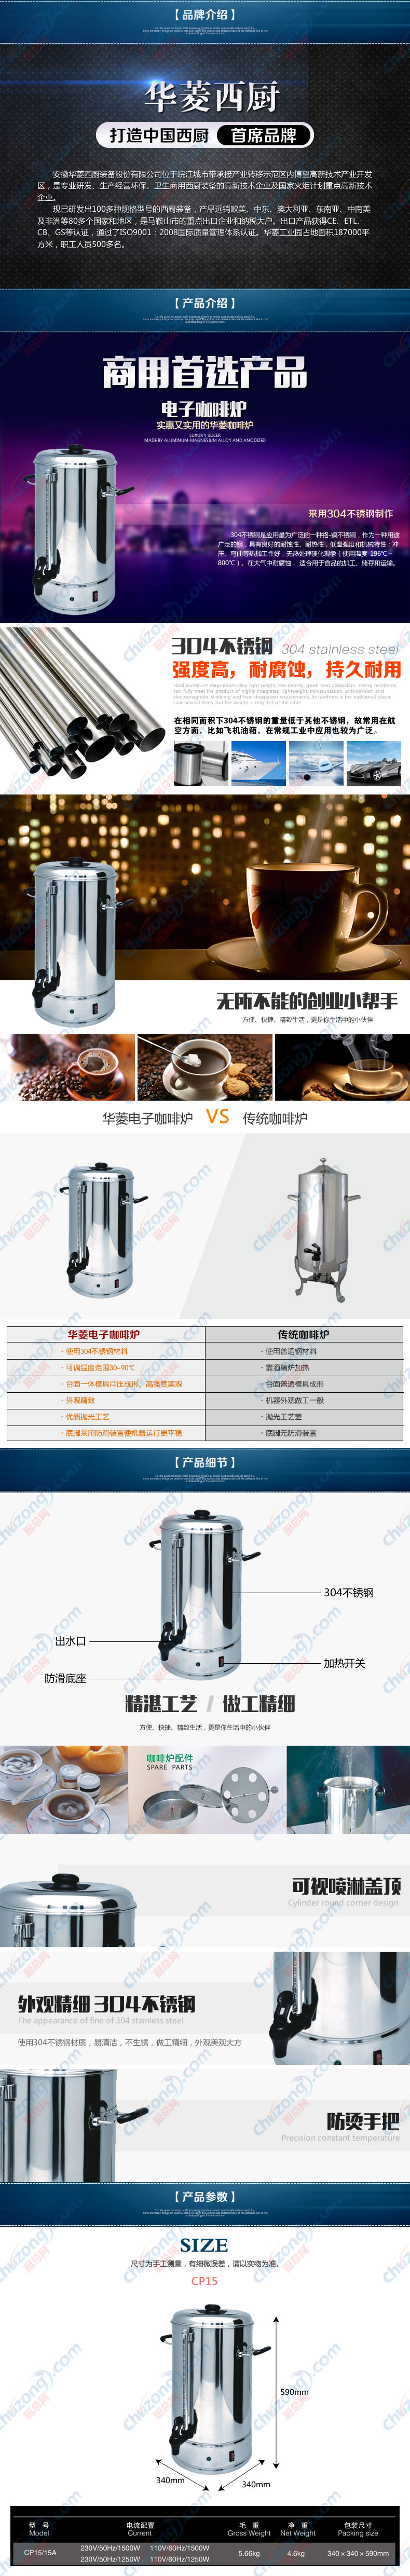 華菱西廚咖啡爐,電熱咖啡爐,不銹鋼咖啡爐CP15